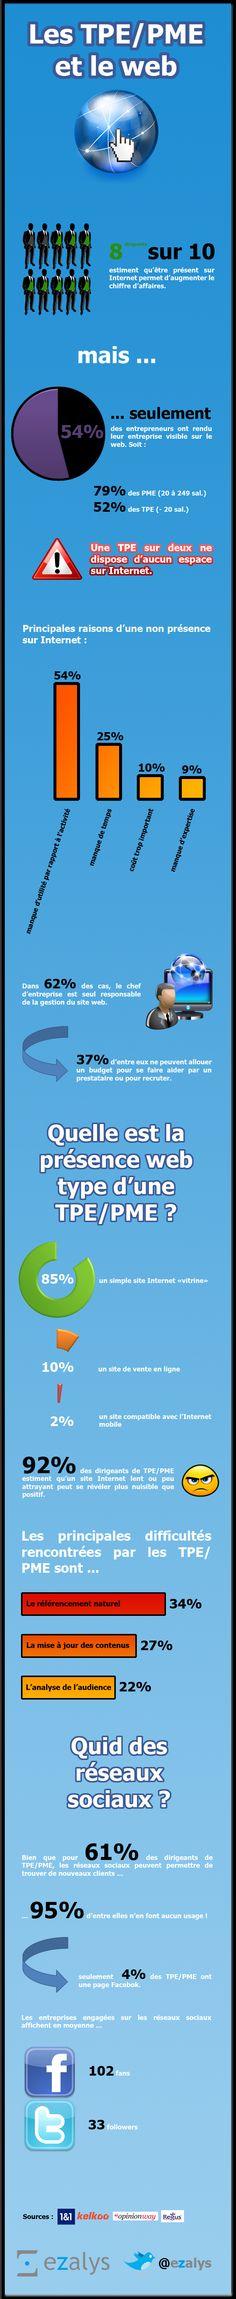 TPE-PME et internet en France